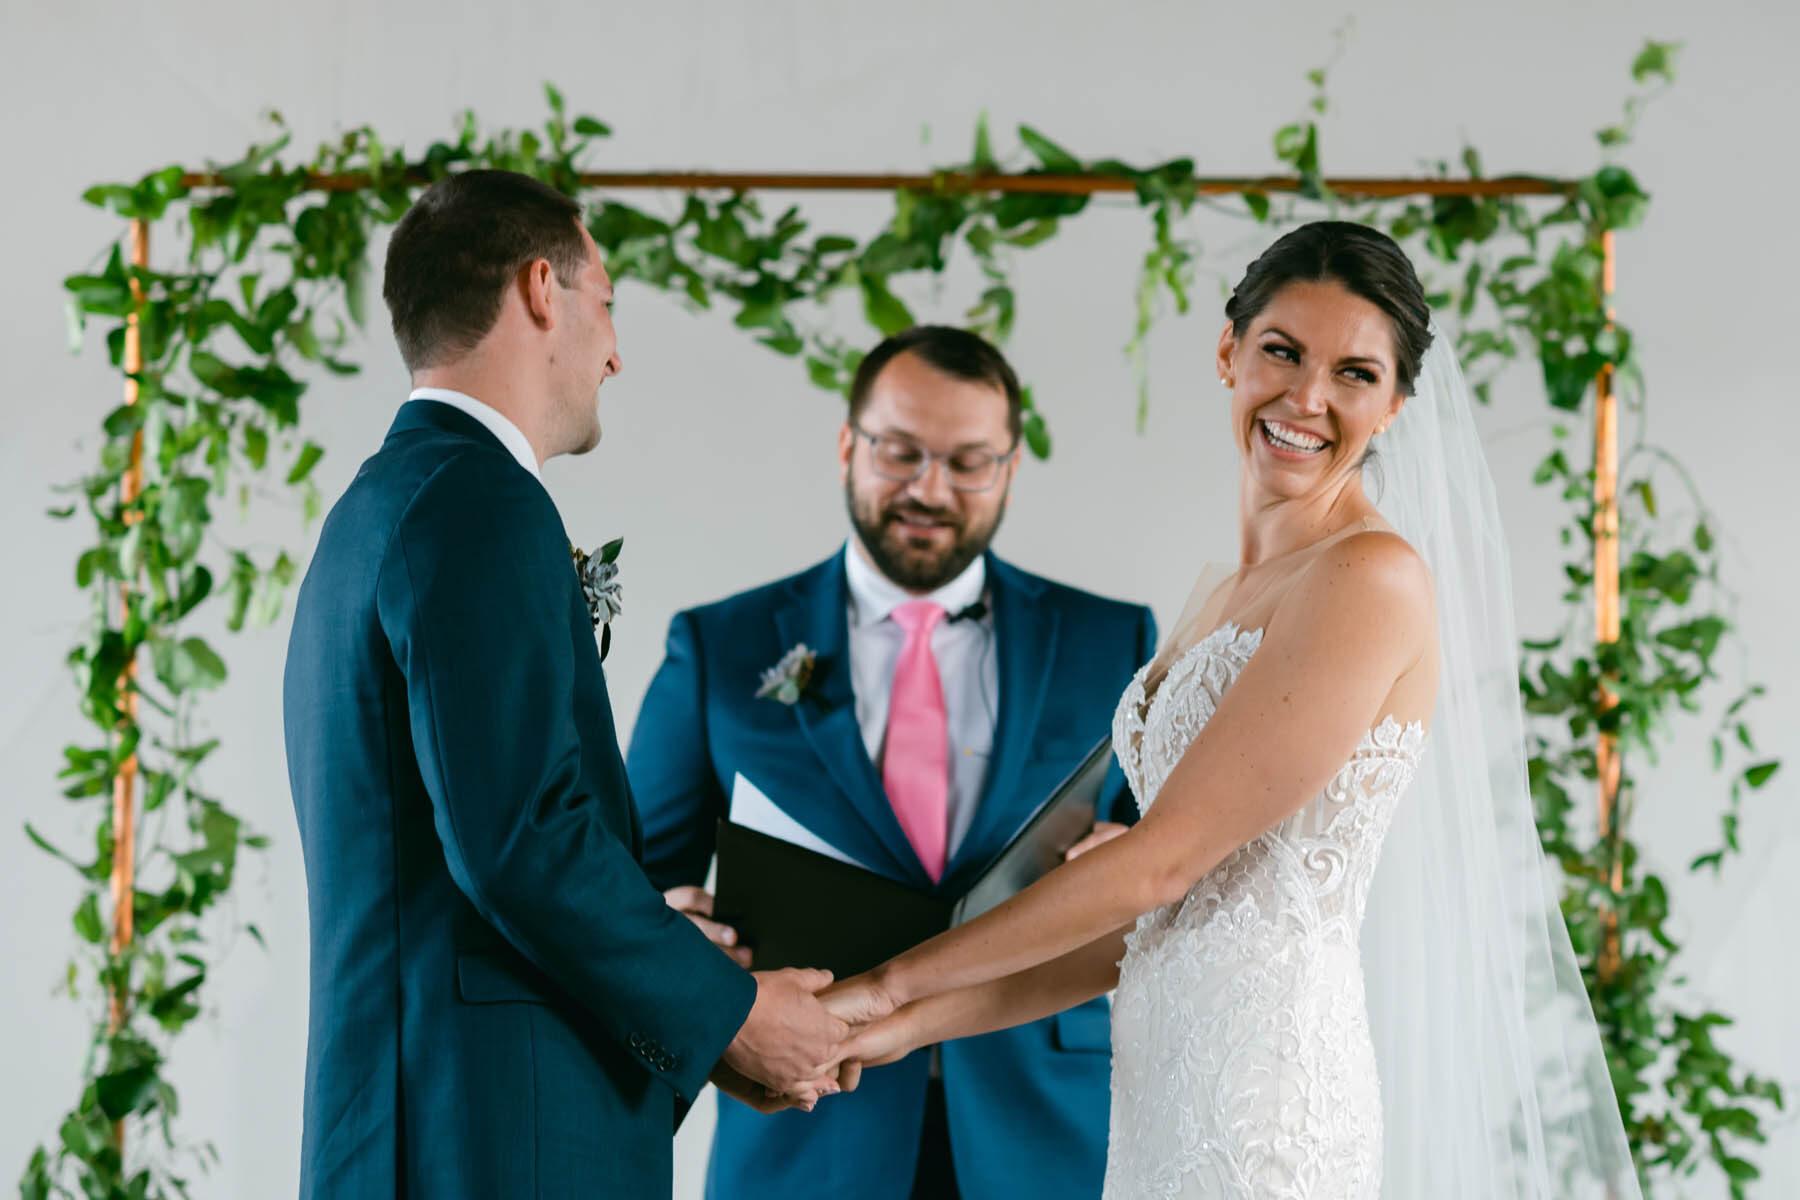 Walden Chicago wedding ceremony